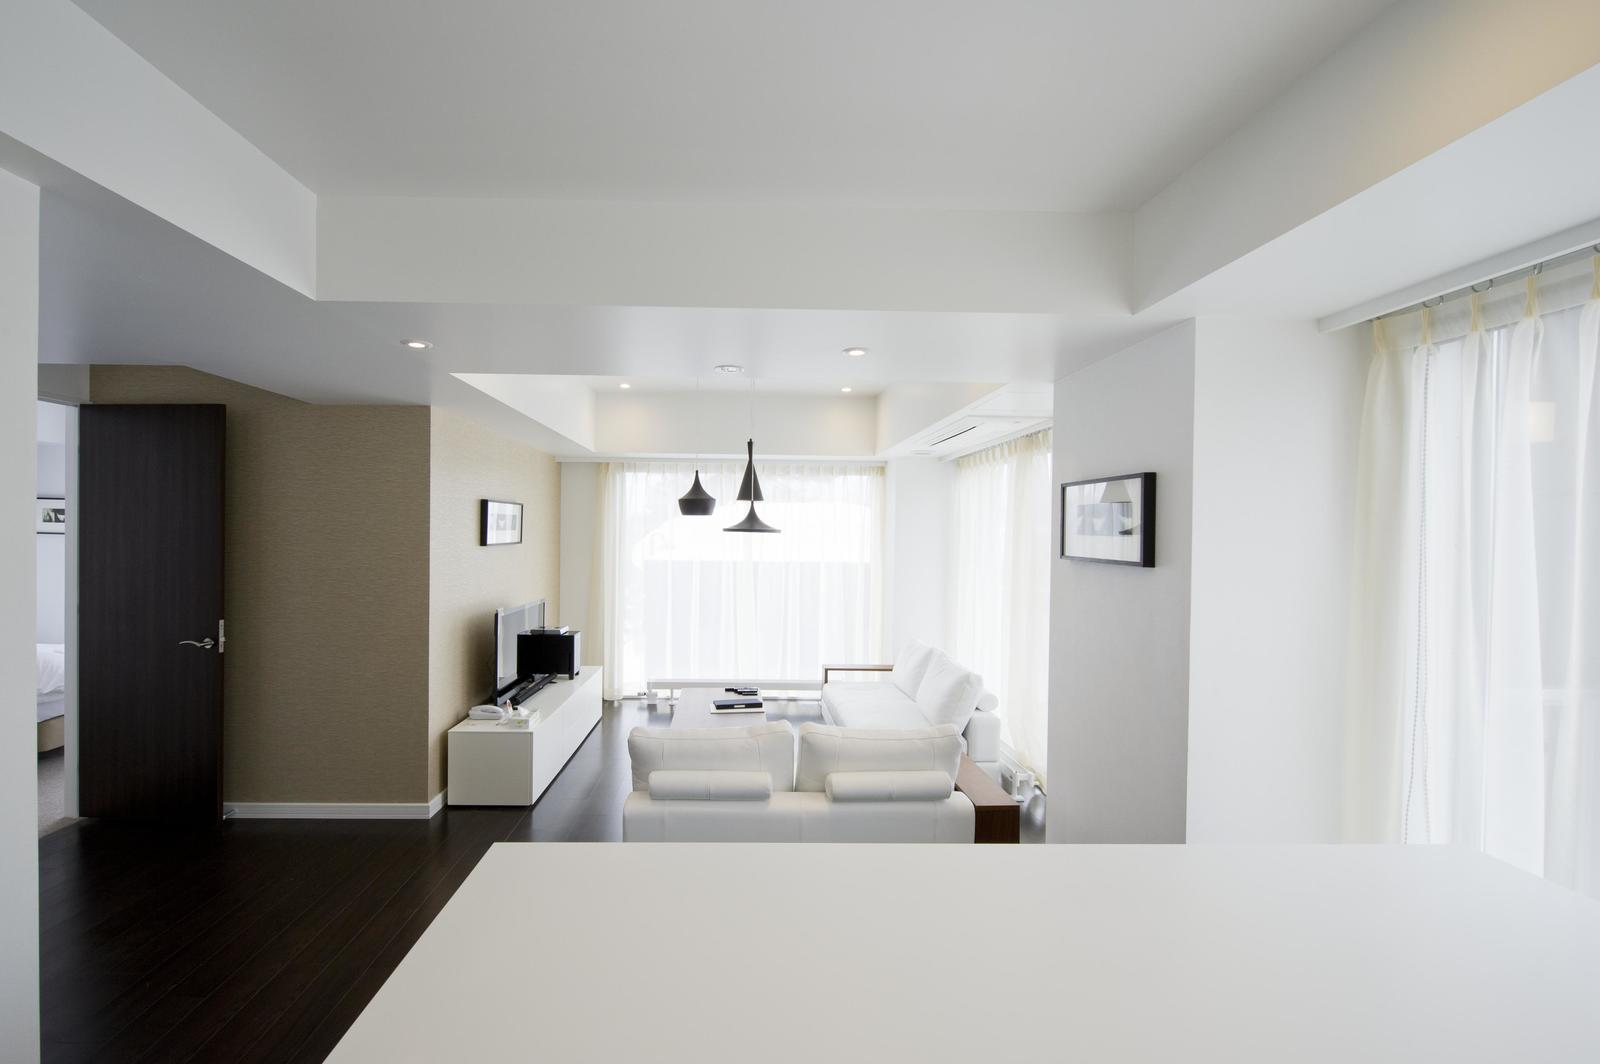 Kizuna 2 bedroom deluxe apartment living room large